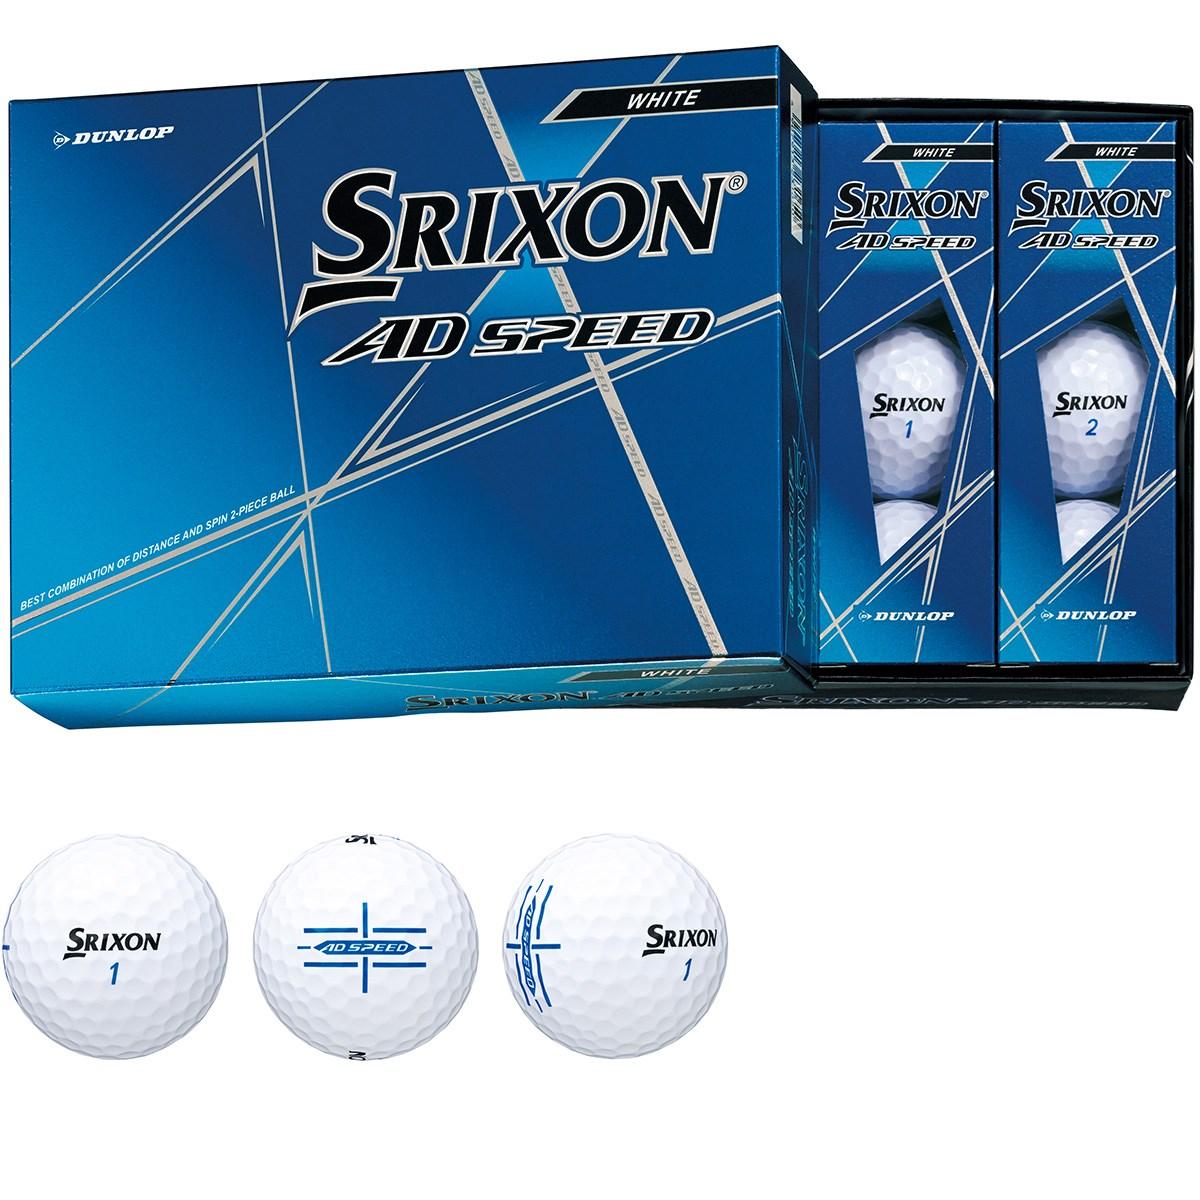 ダンロップ SRIXON スリクソン AD SPEED ボール 3ダースセット 3ダース(36個入り) ホワイト